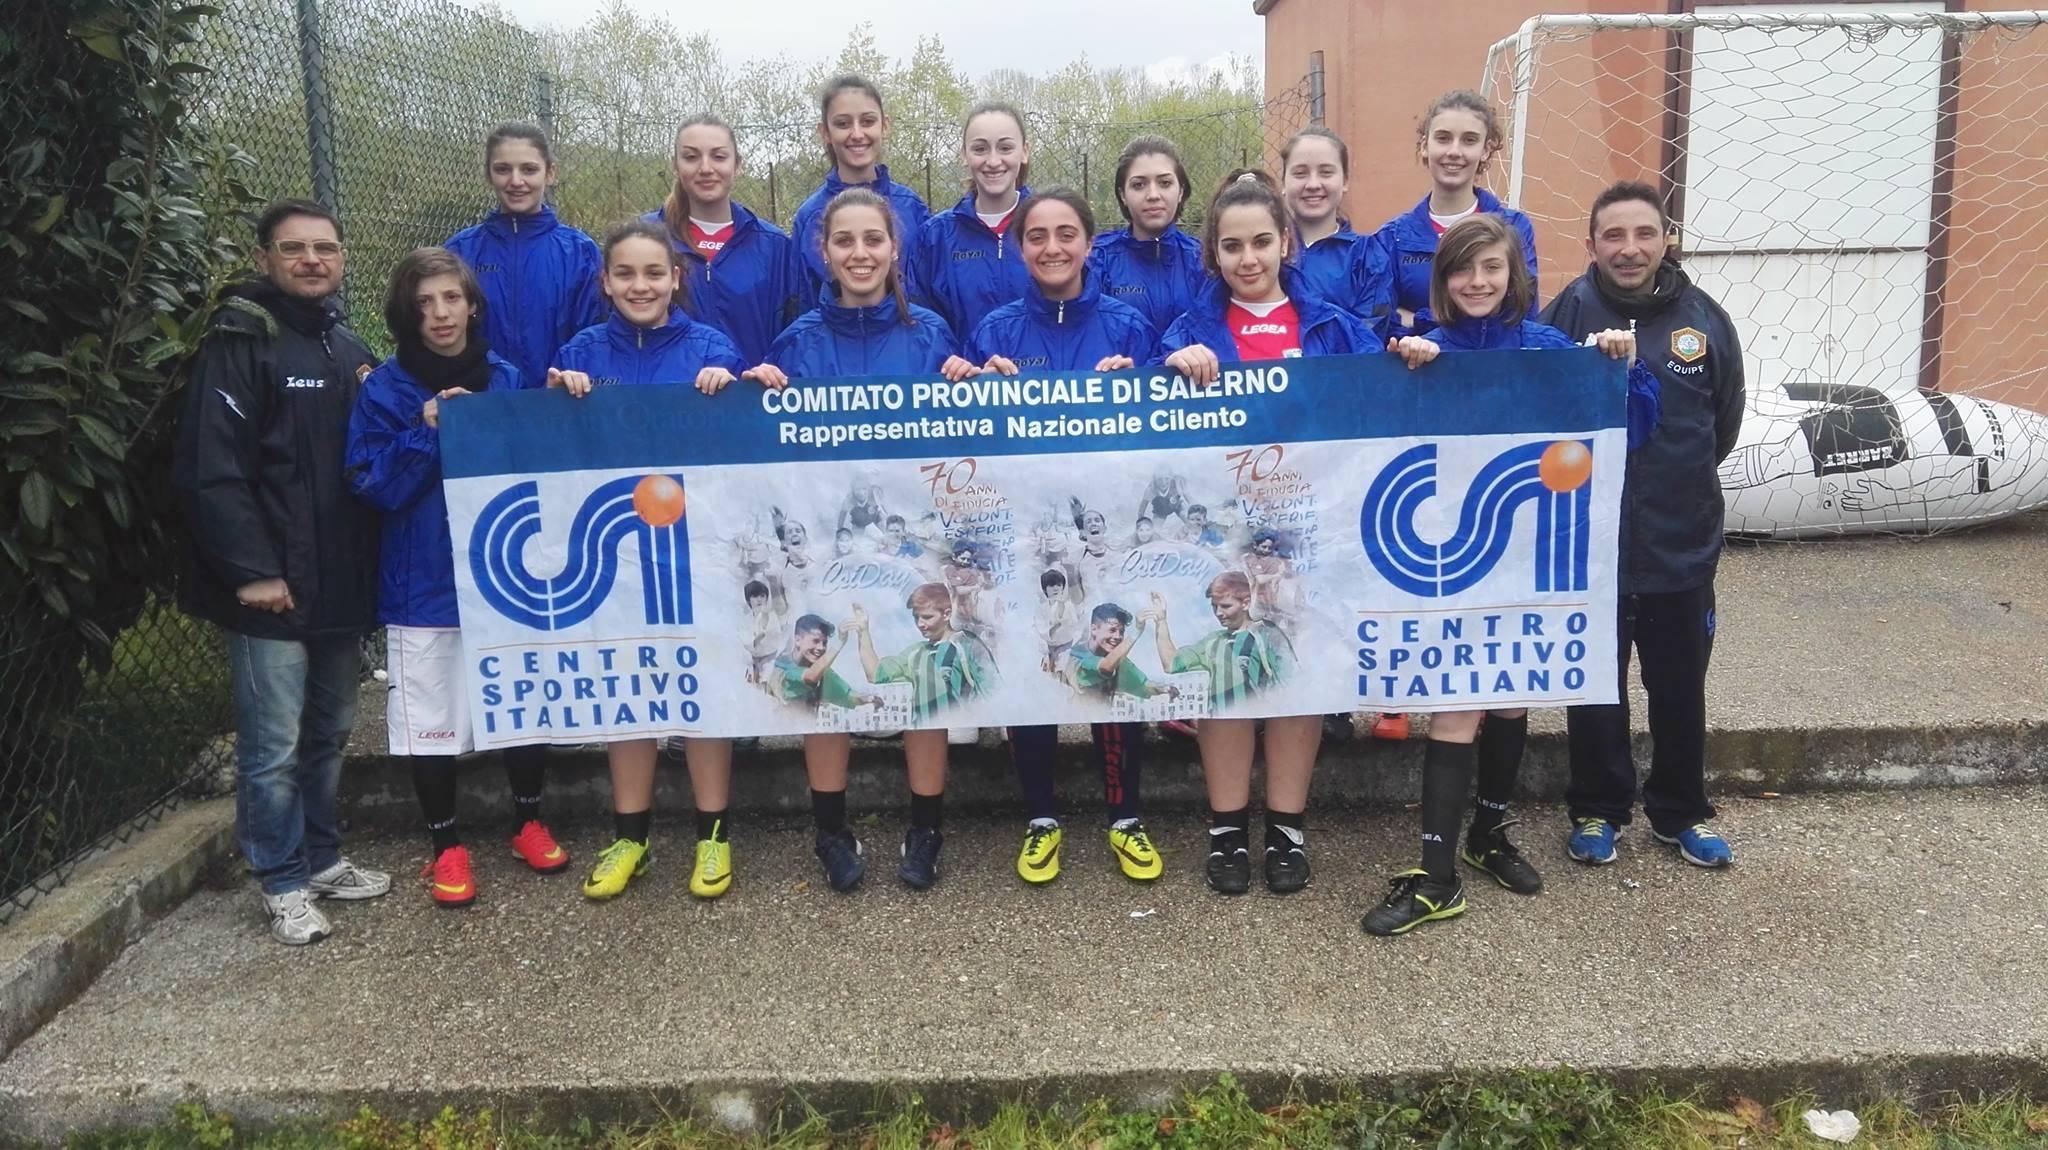 Terminato il campionato di calcio a 5 femminile, fase finale ad Agropoli